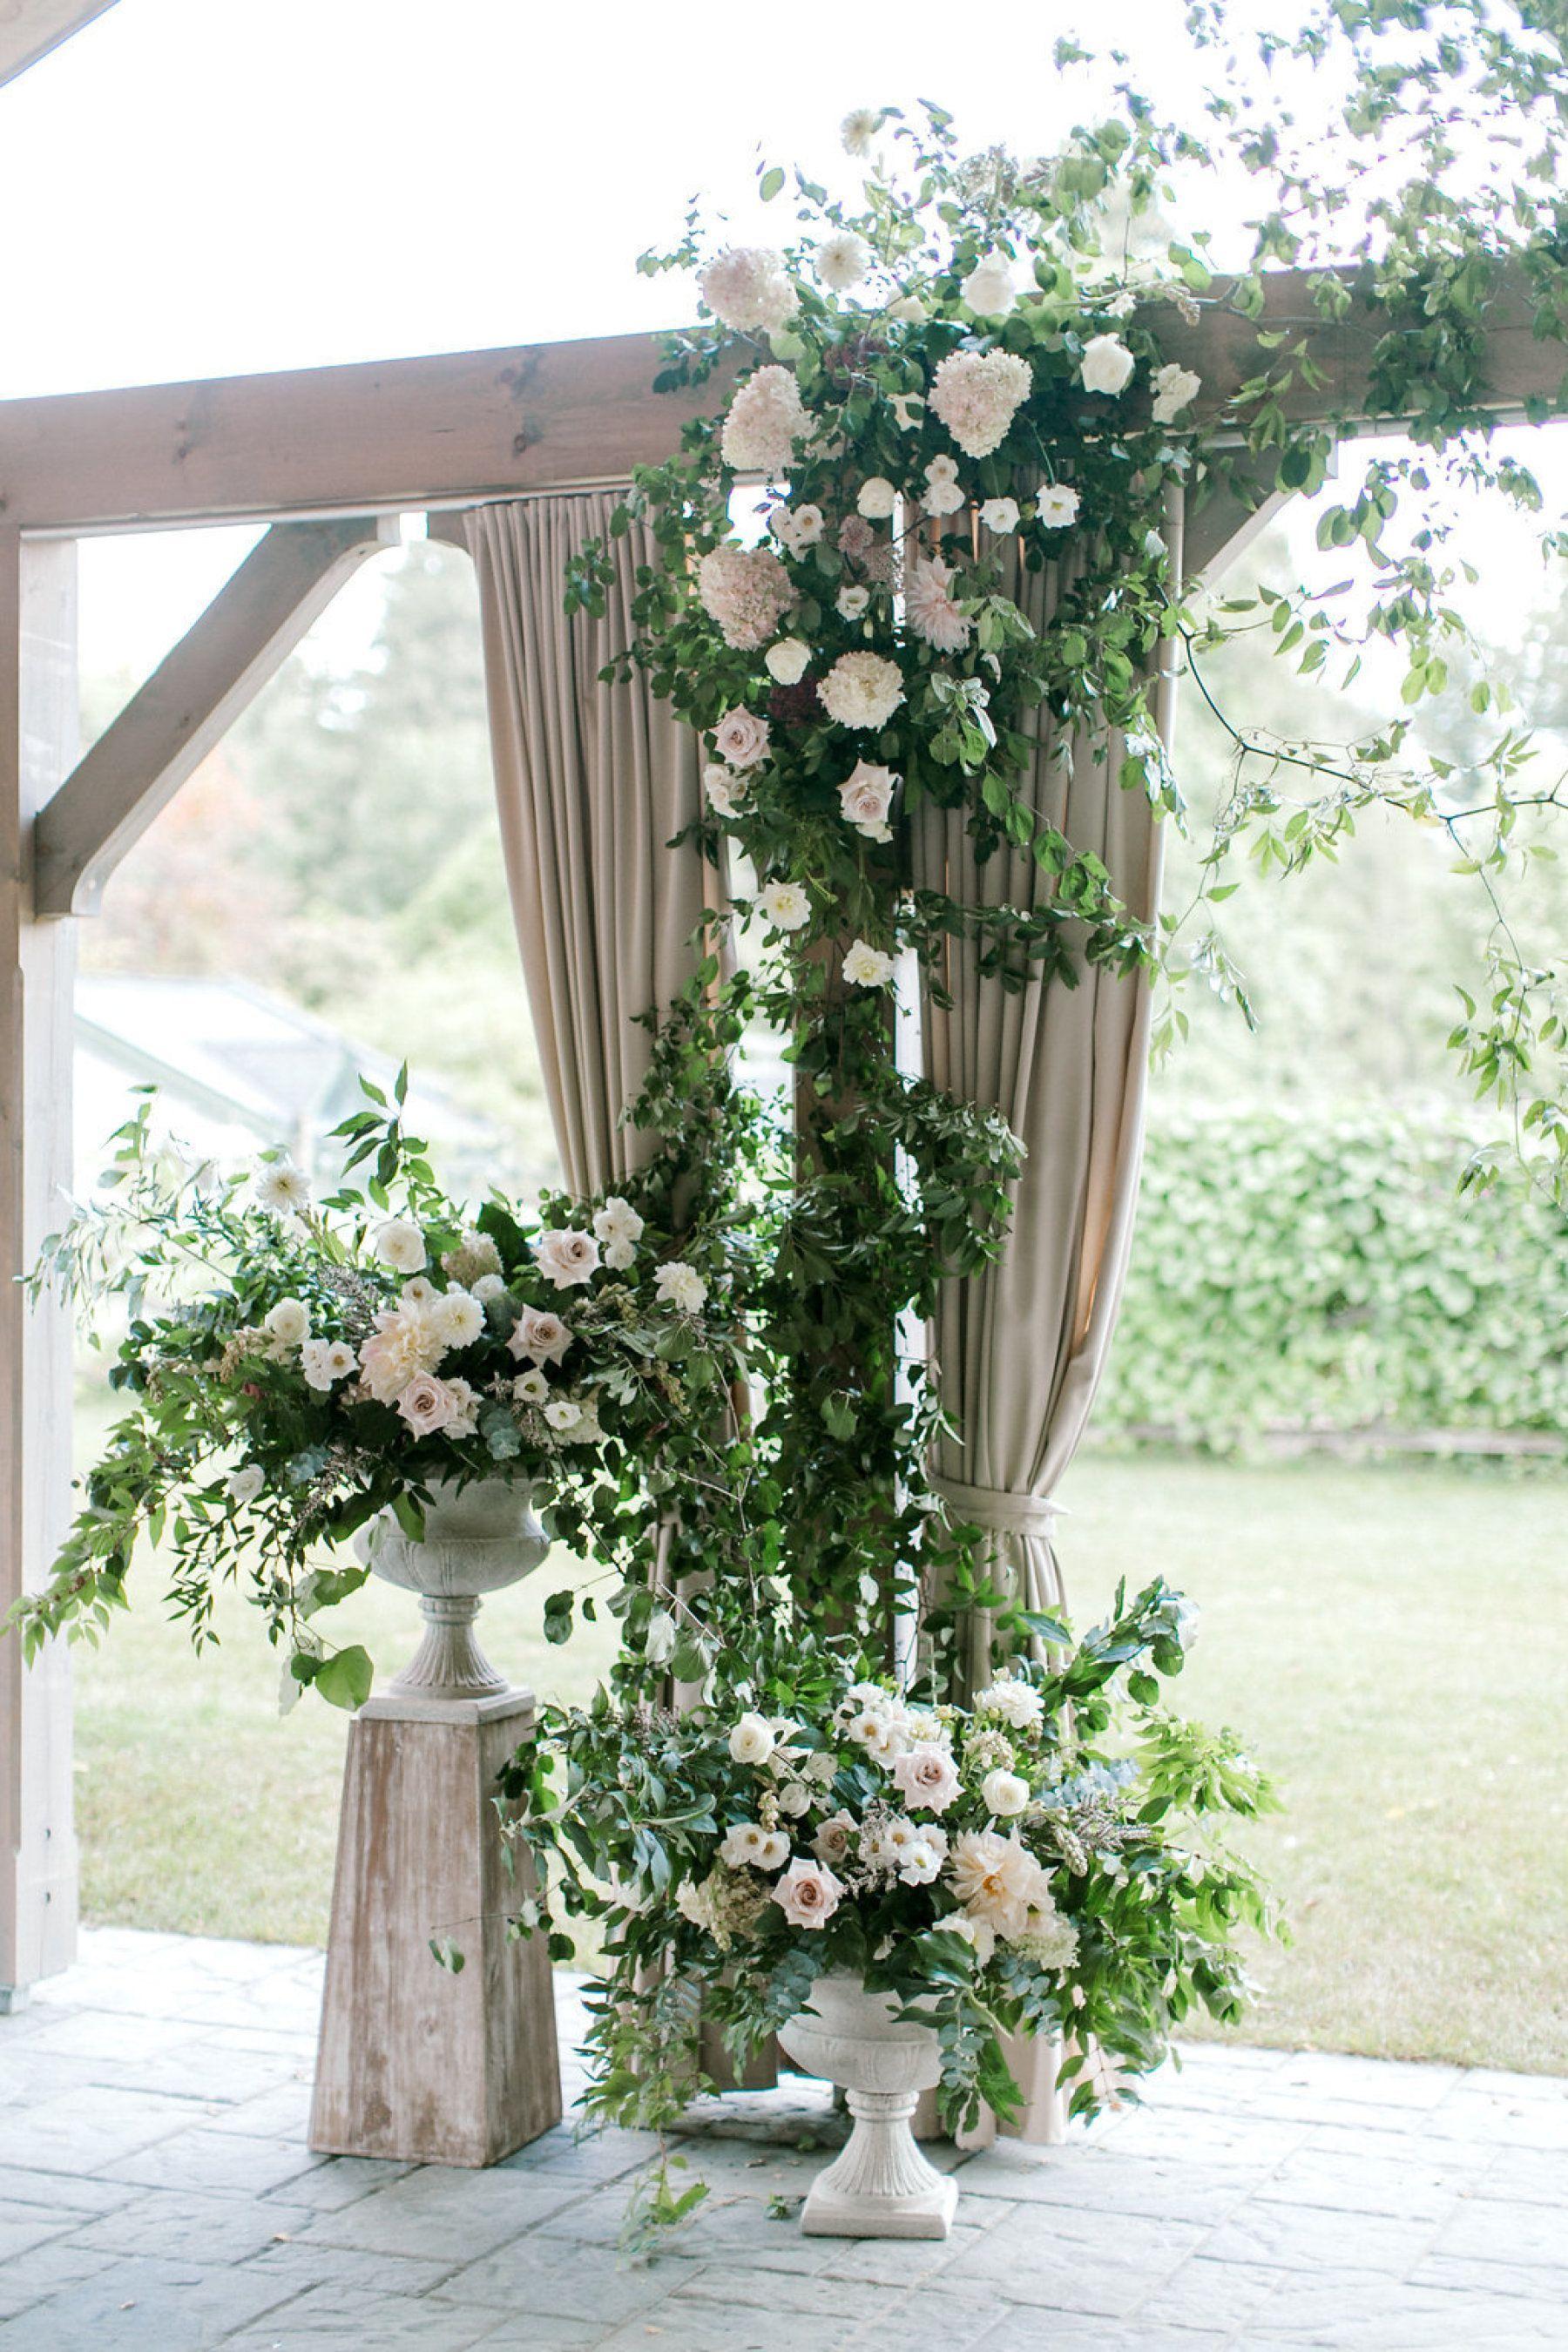 Best dress to wear to a garden wedding  best dresses to wear to a wedding  Romantic Garden Wedding